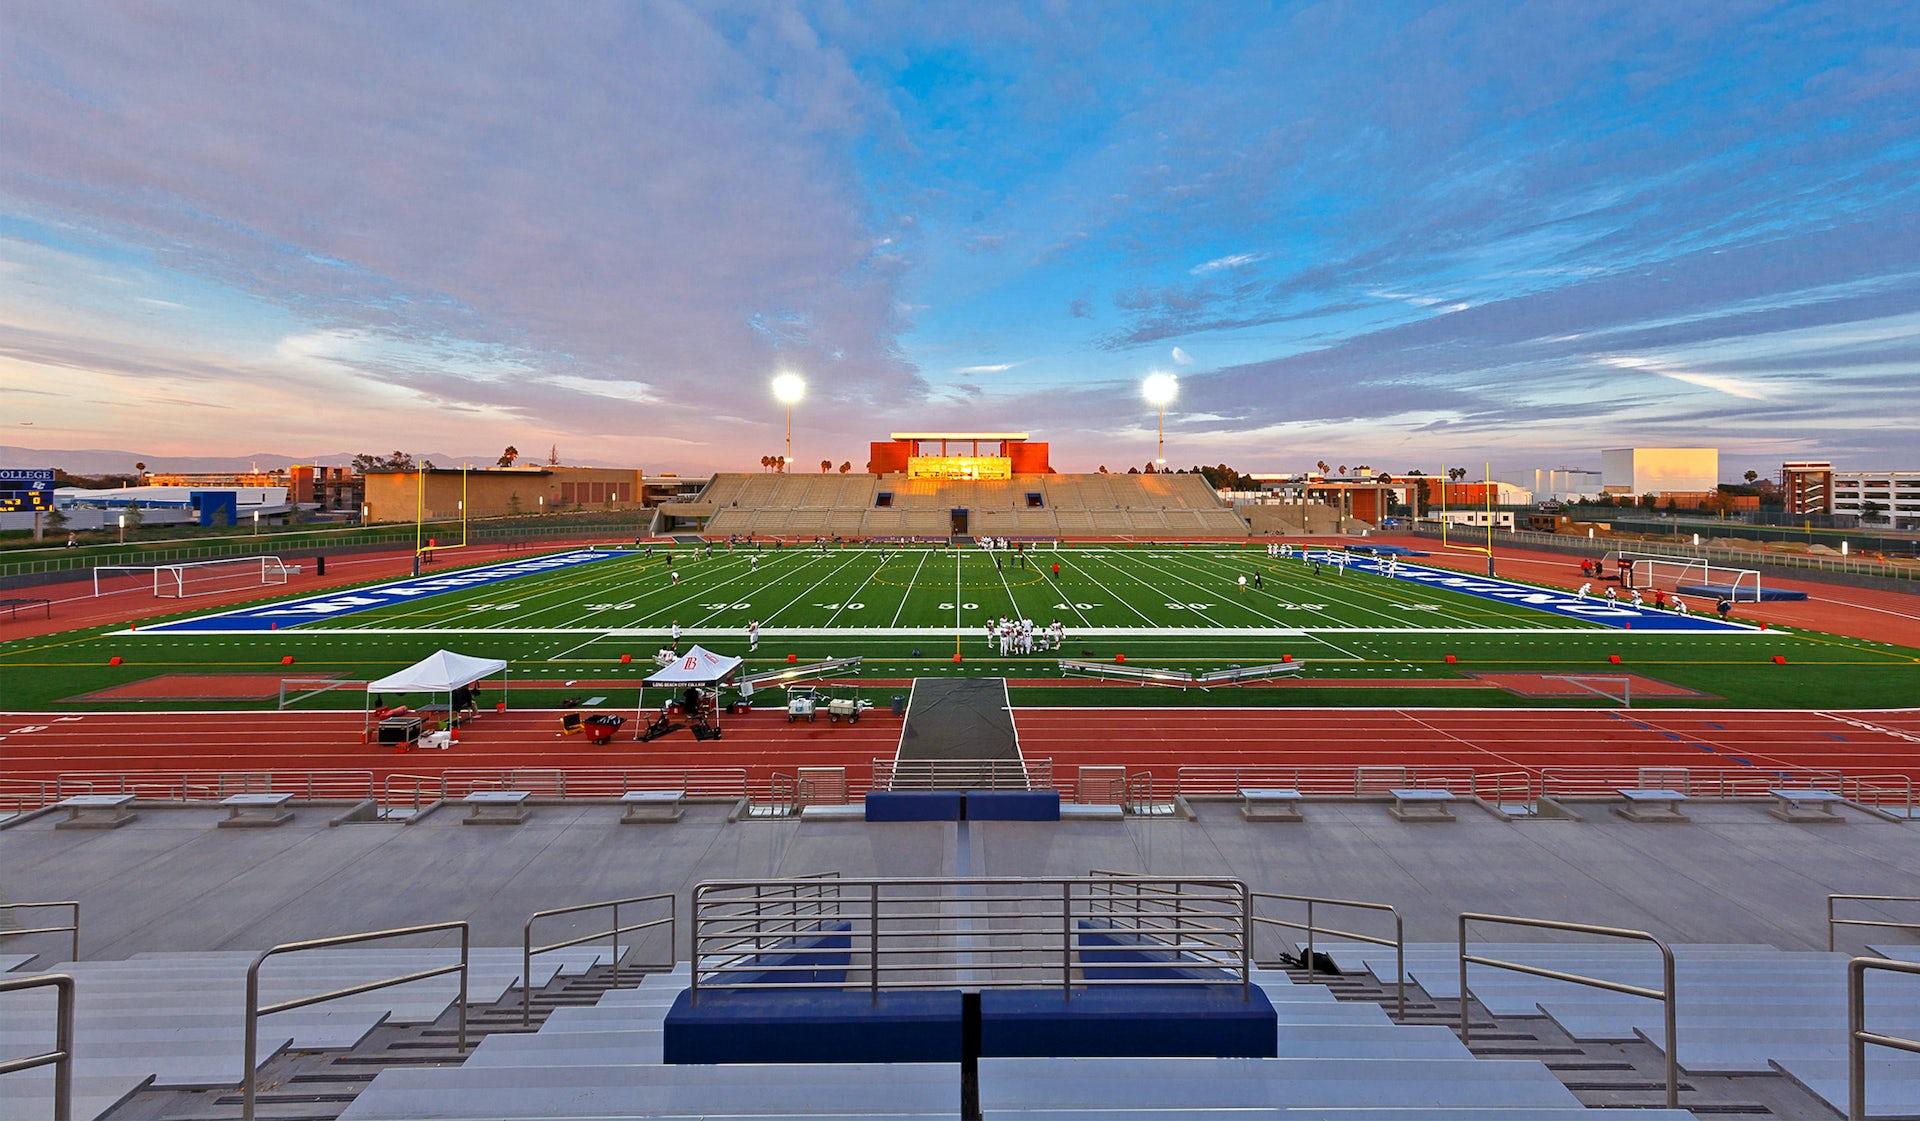 El Camino College >> El Camino College Athletics Complex Lpa Inc